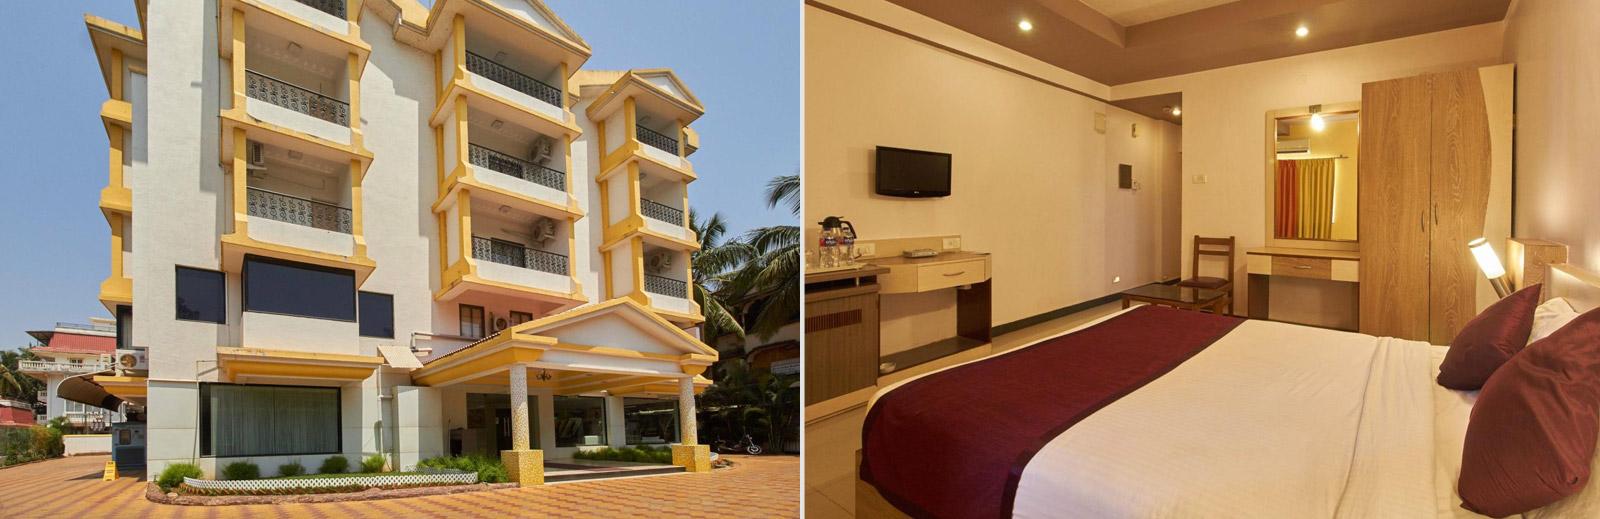 Colva Kinara 3 (India Goa South Kolva Beach): photos, room description, service, entertainment, reviews 43